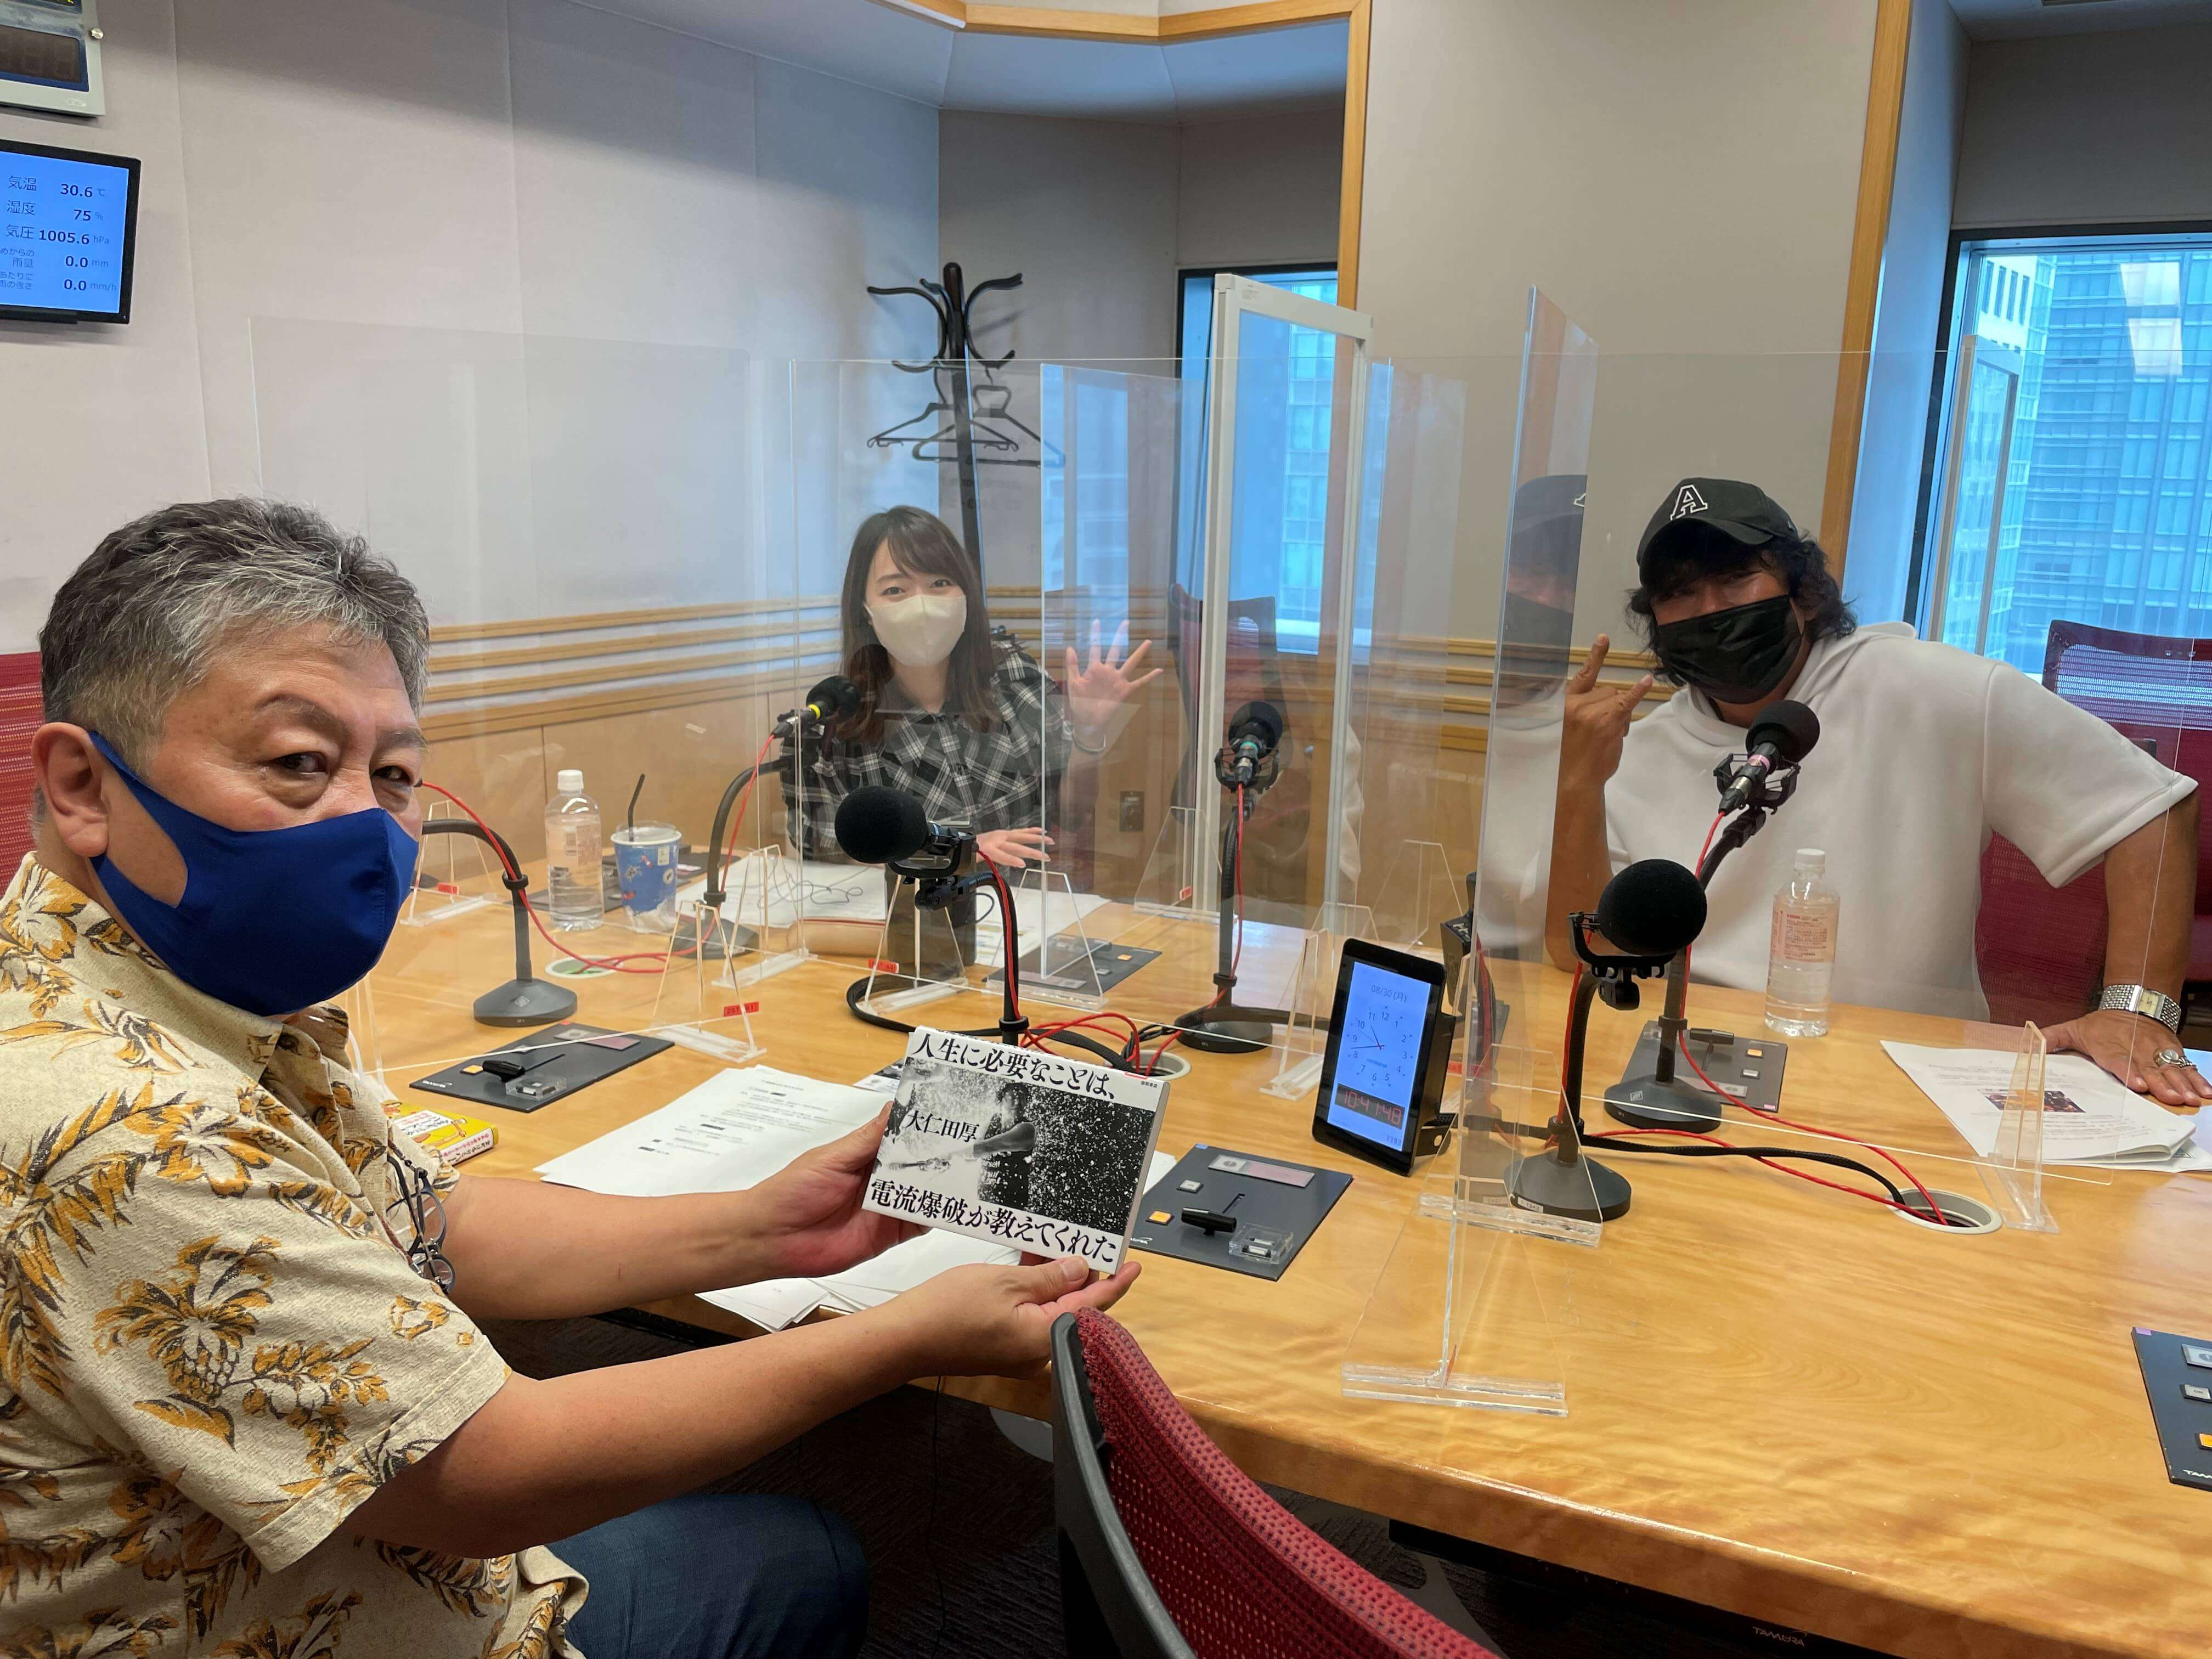 『くにまるジャパン極・極シアター』8月30日(月)のお客様:大仁田厚さん・三山ひろしさん